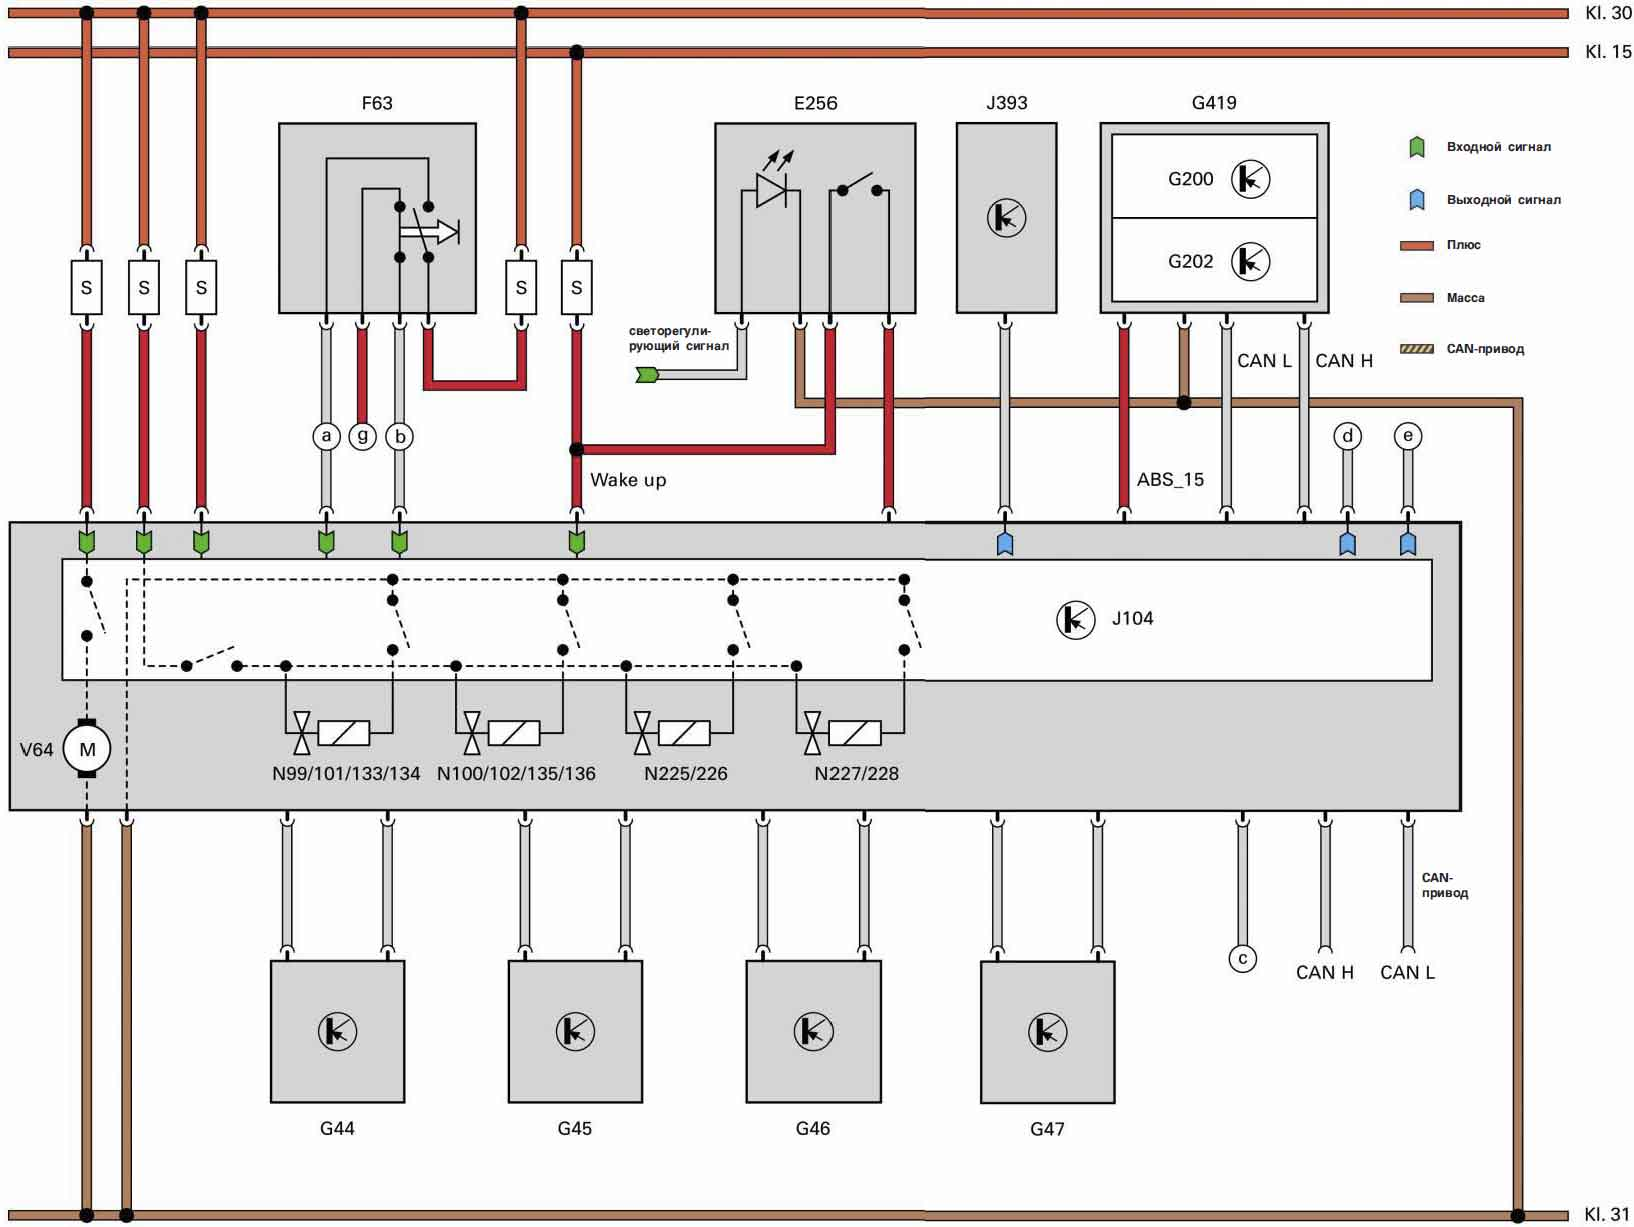 электрическая схема can-bus шины опель